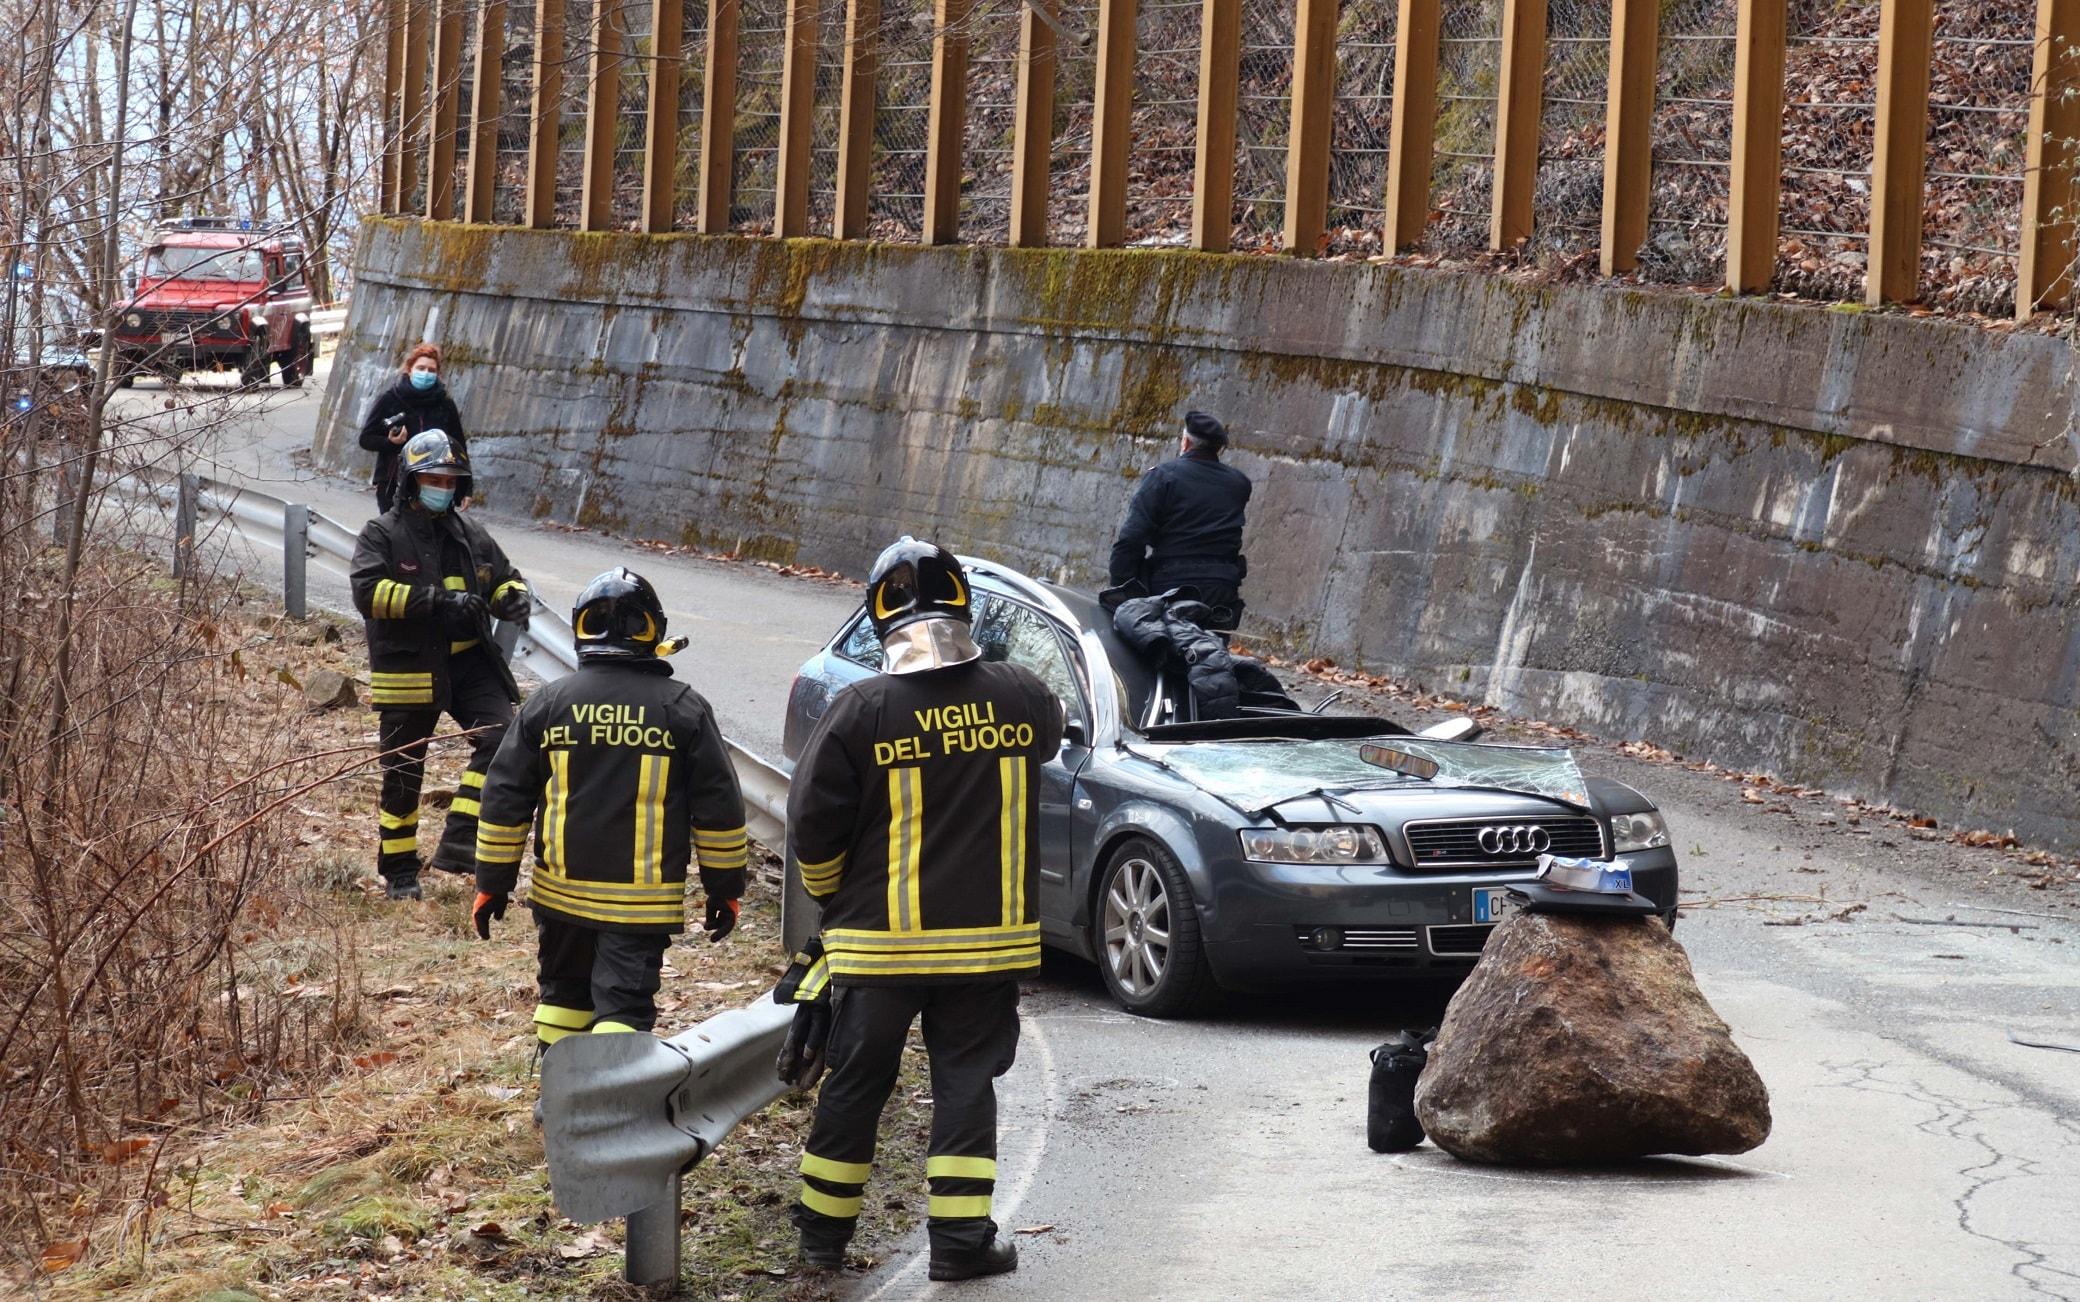 Soccorritori sul luogo dove un masso si è staccato dalla montagna e ha travolto un auto, uccidendo la persona che si trovava all'interno a Civo, 8 febbraio 2021.ANSA/ANP